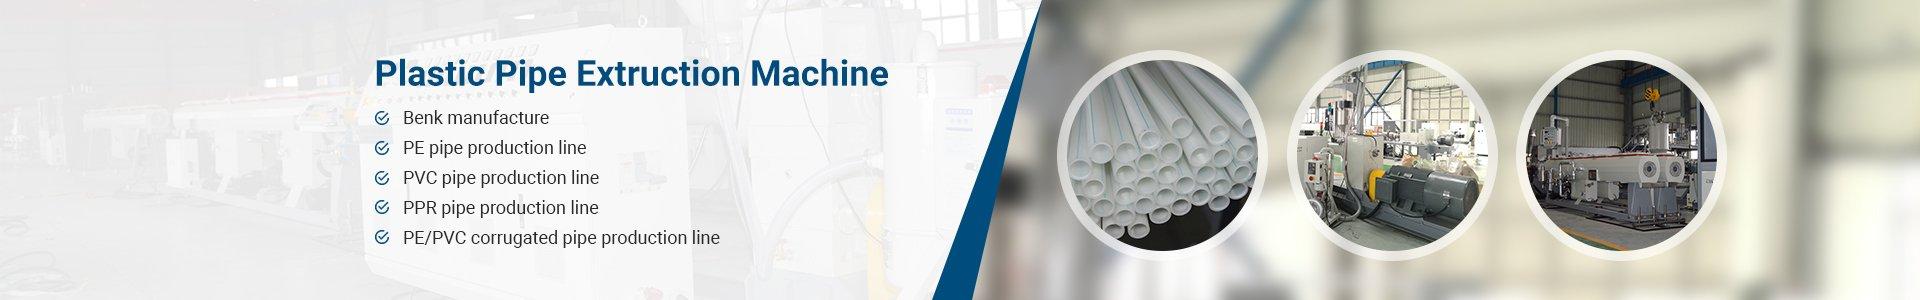 Plastic Pipe Extrusion Machine, Plastic Tube Extruder Manufacturer